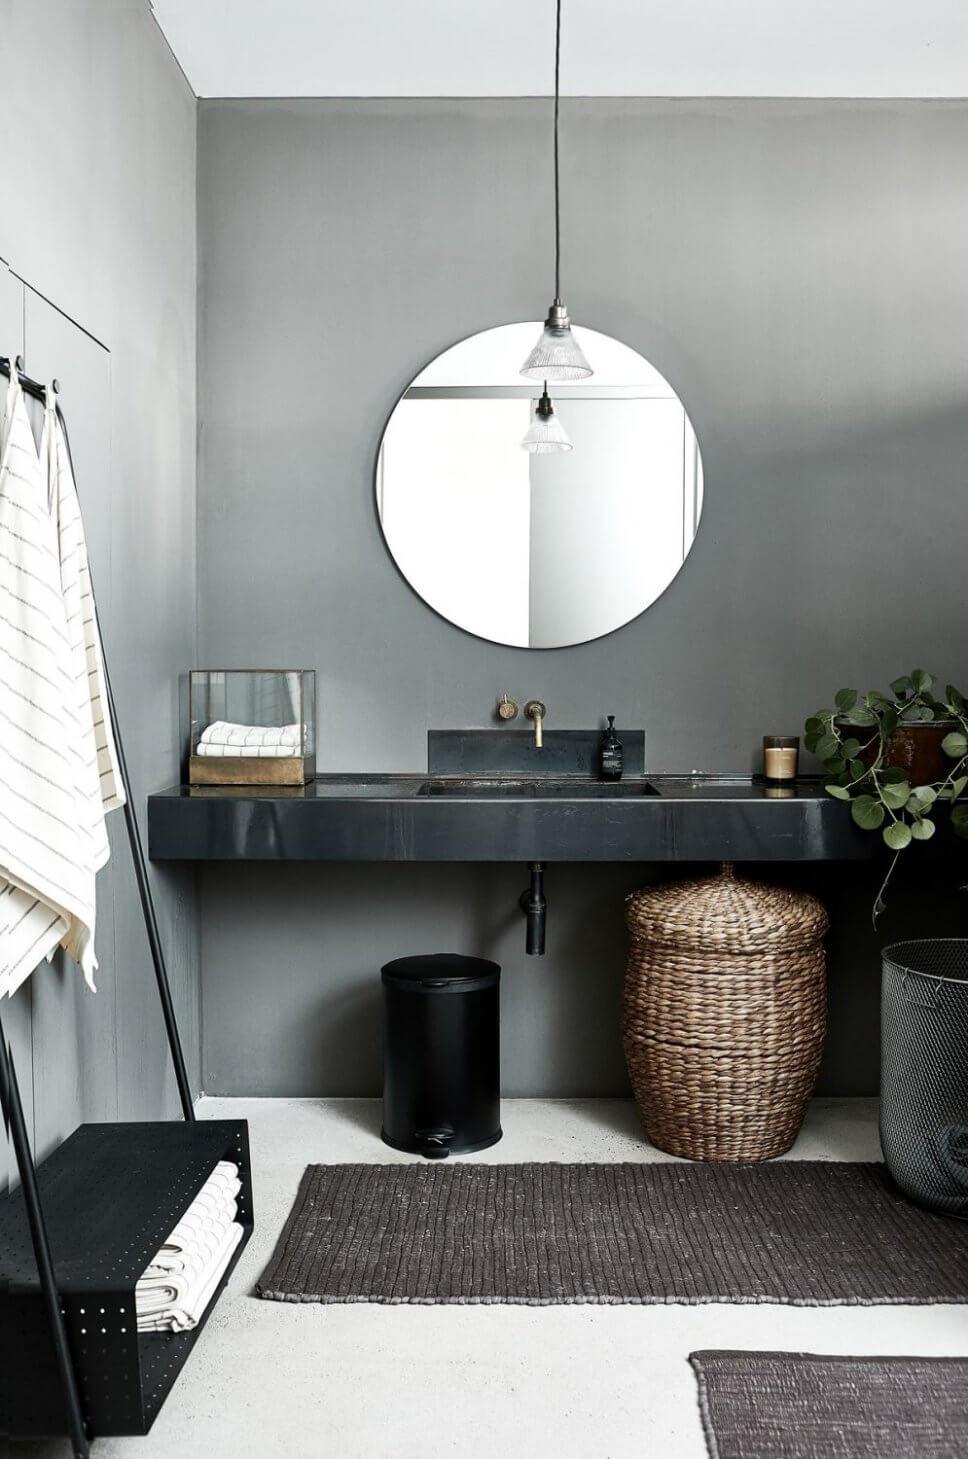 Schwarzer Waschtisch mit rundem Spiegel darüber